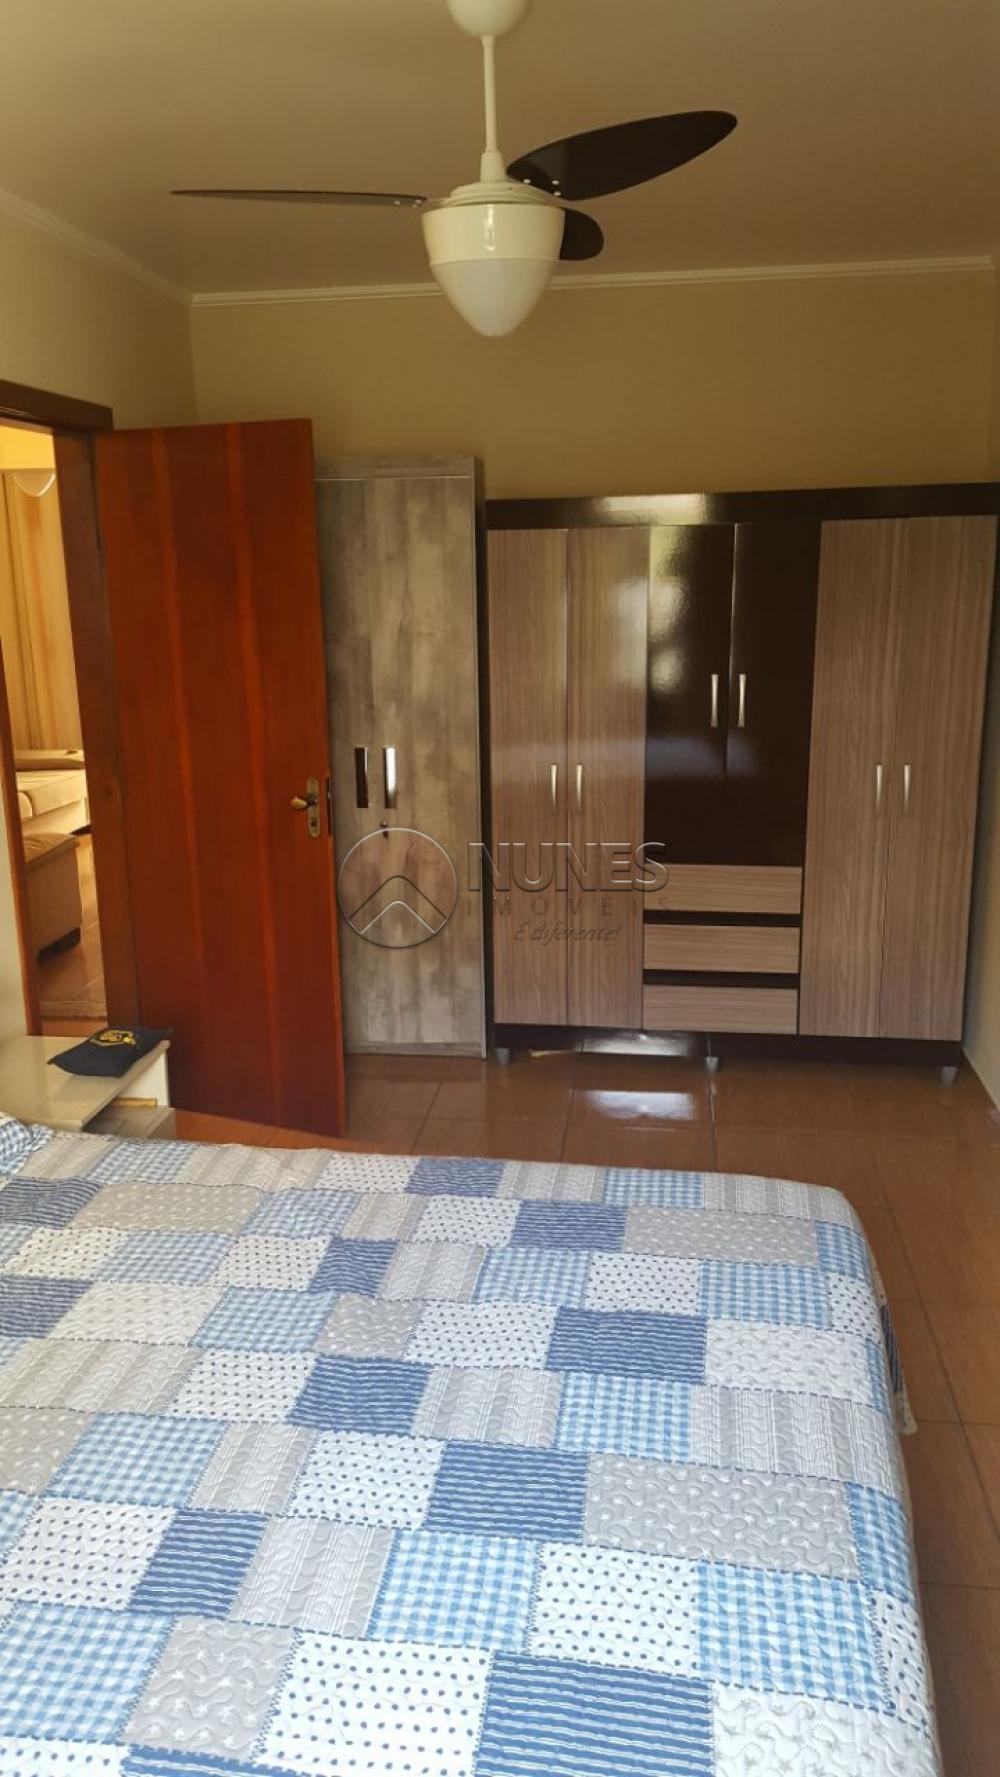 Comprar Casa / Terrea em Osasco apenas R$ 410.000,00 - Foto 12